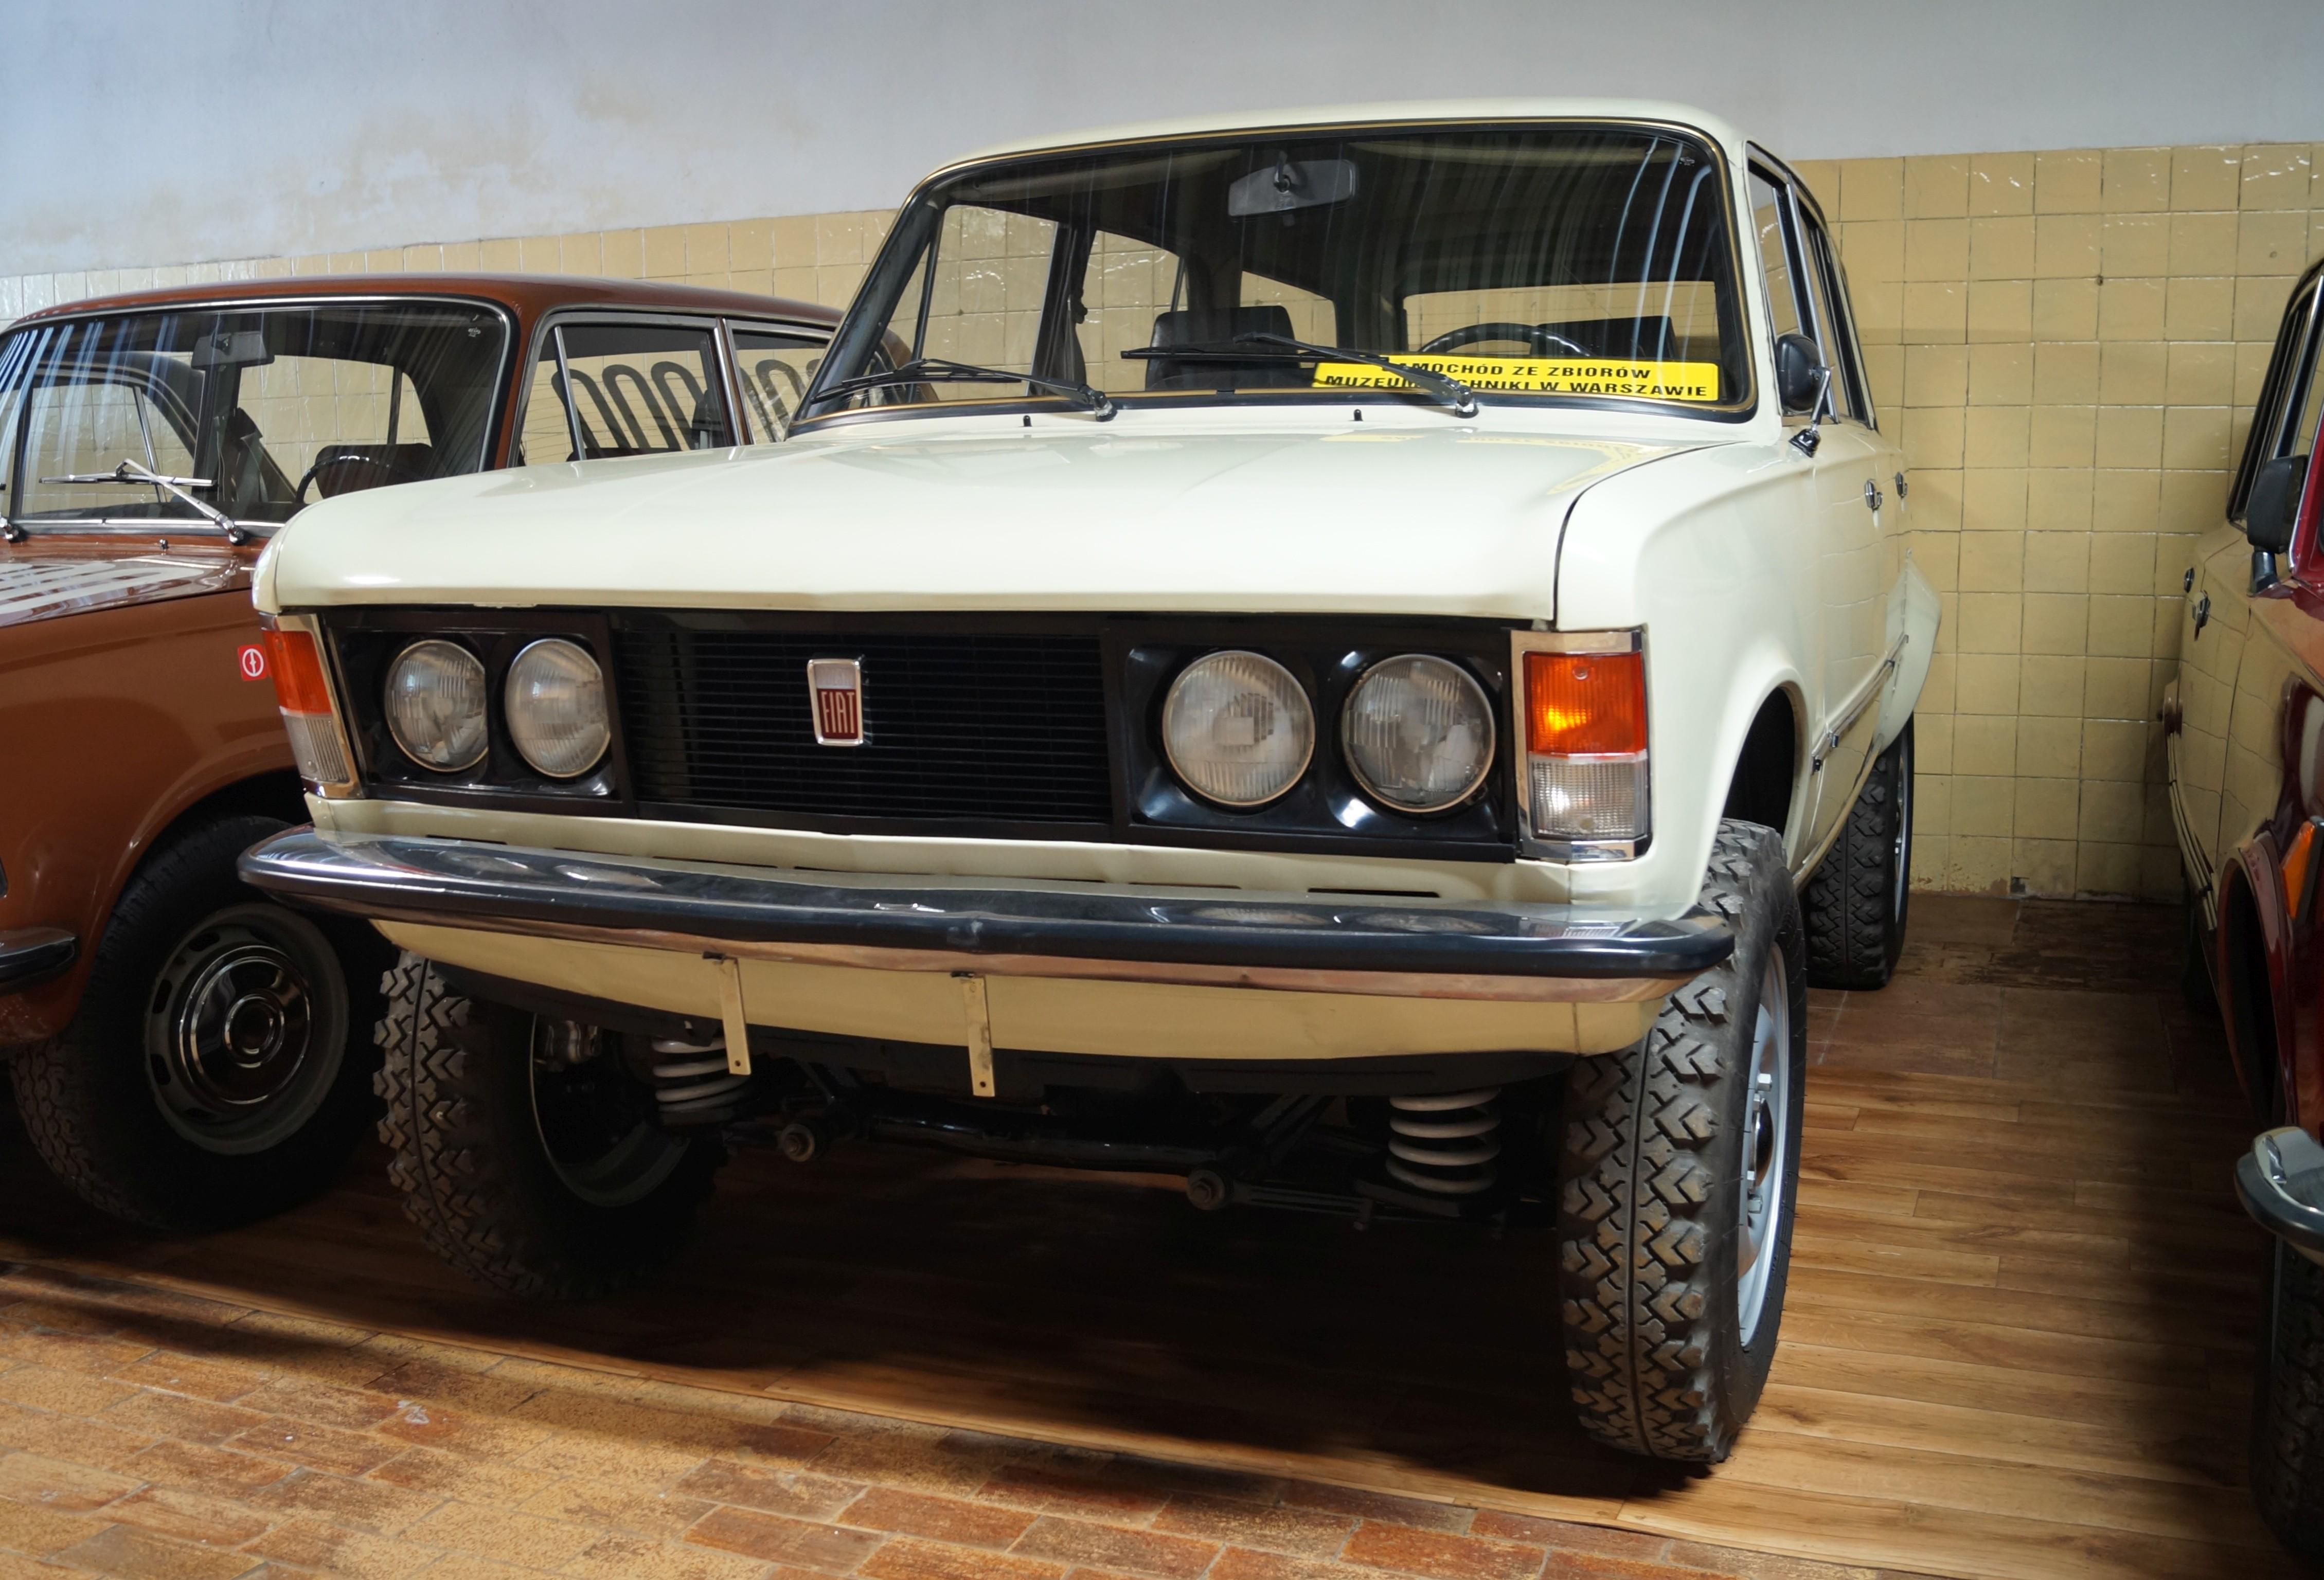 File:Polski Fiat 125p kombi 4x4  Muzeum w Chlewiskach.jpg  Wikimedia Commons